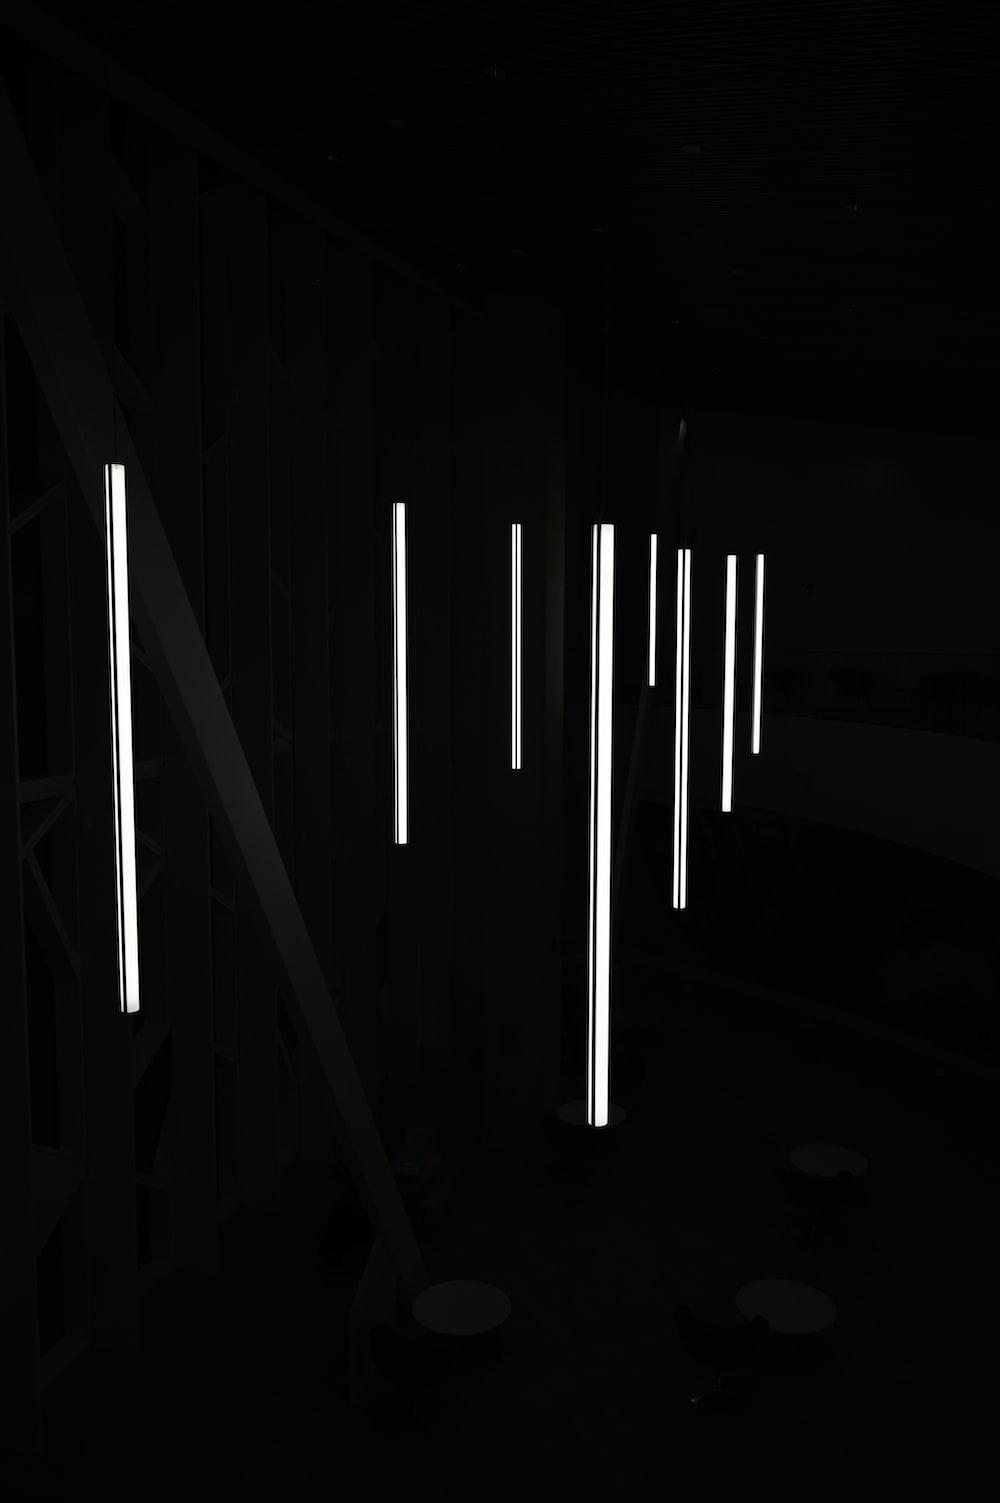 white light bulb turned on in dark room